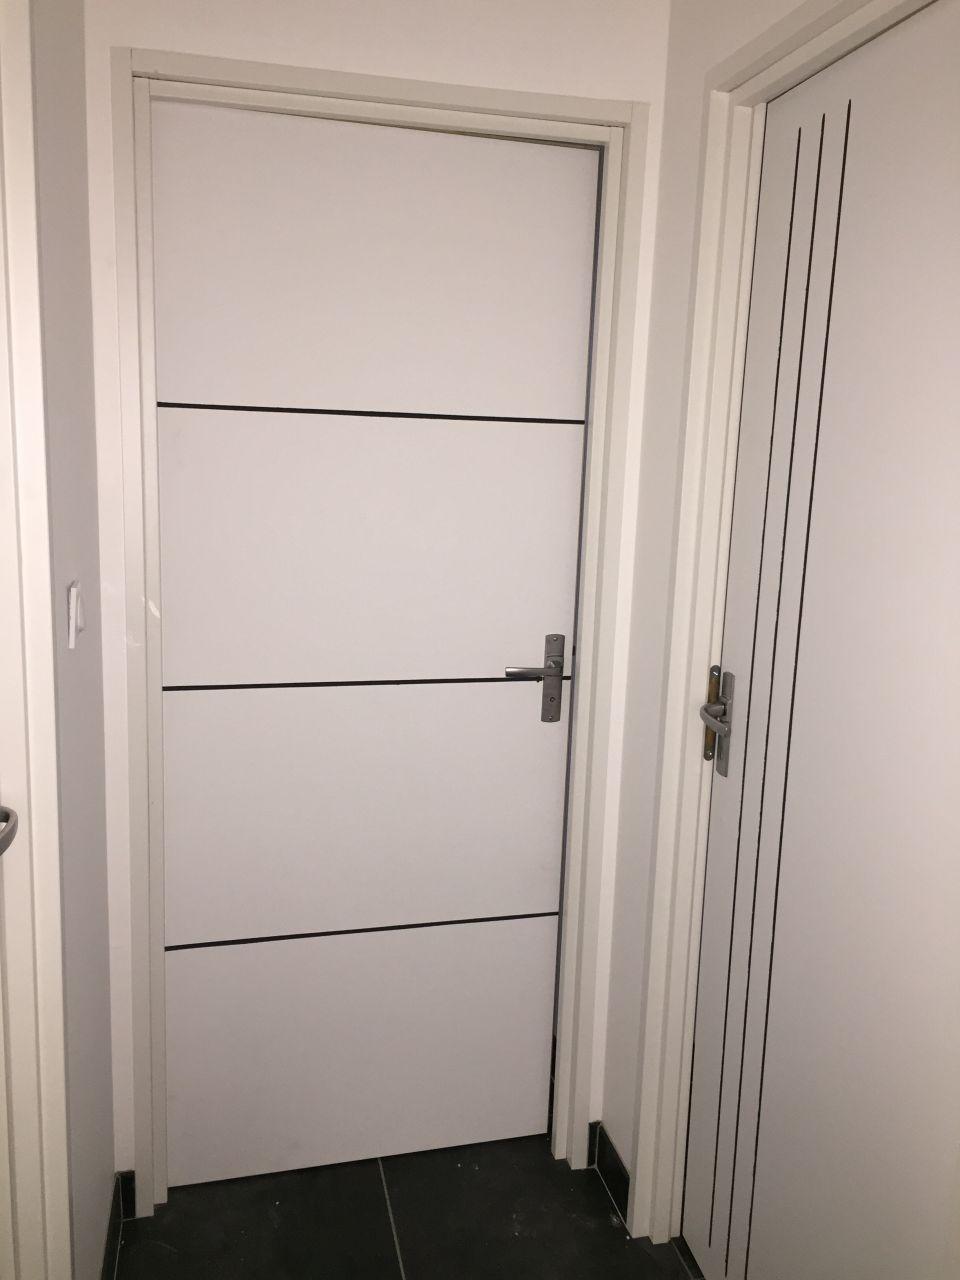 Portes intérieures avec une finition peinture gris anthracite dans les rainures que j'ai fais moi-même.